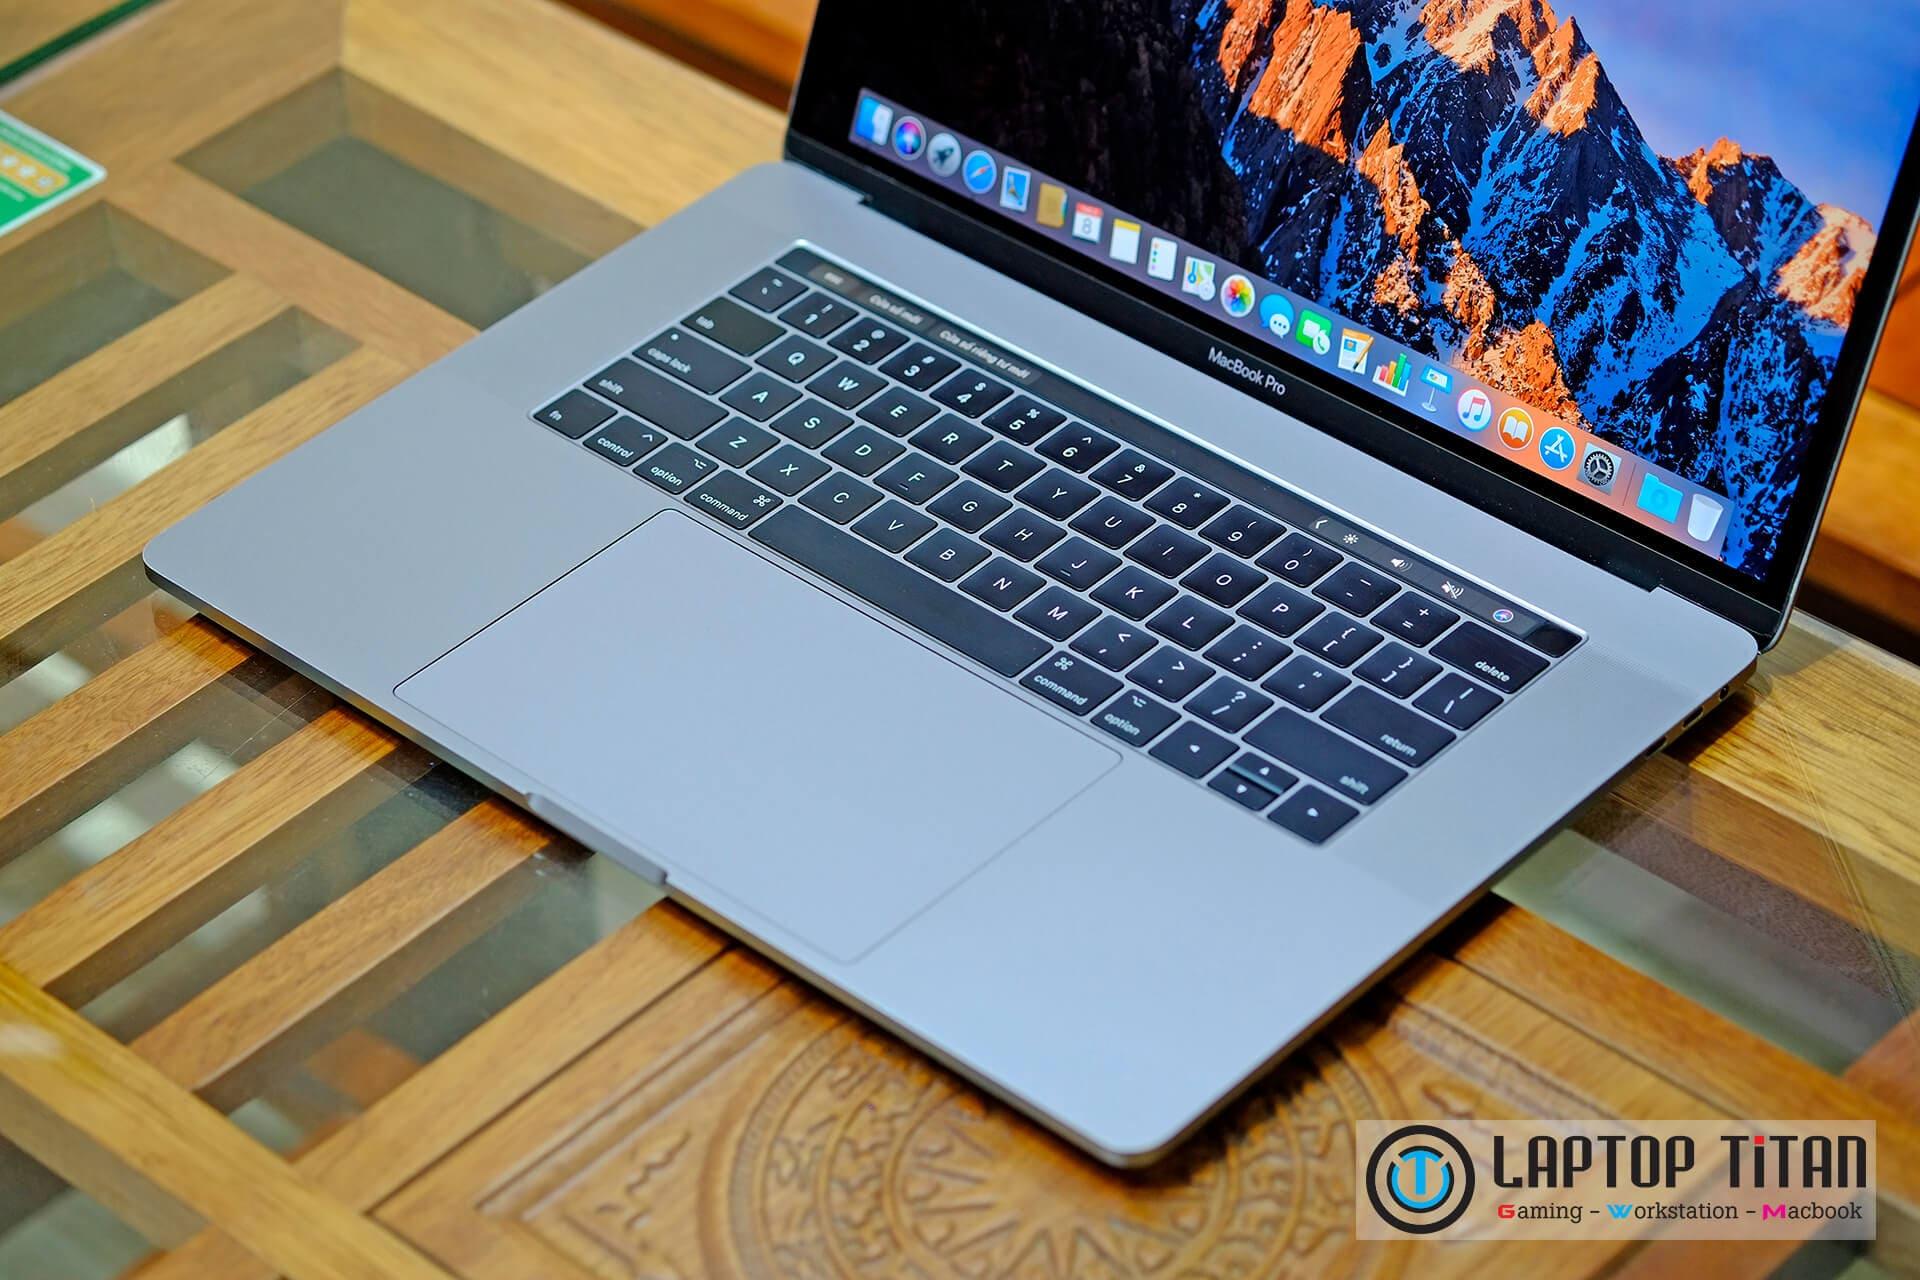 Macbook Pro Touchbar 15 Inch Laptoptitan 05